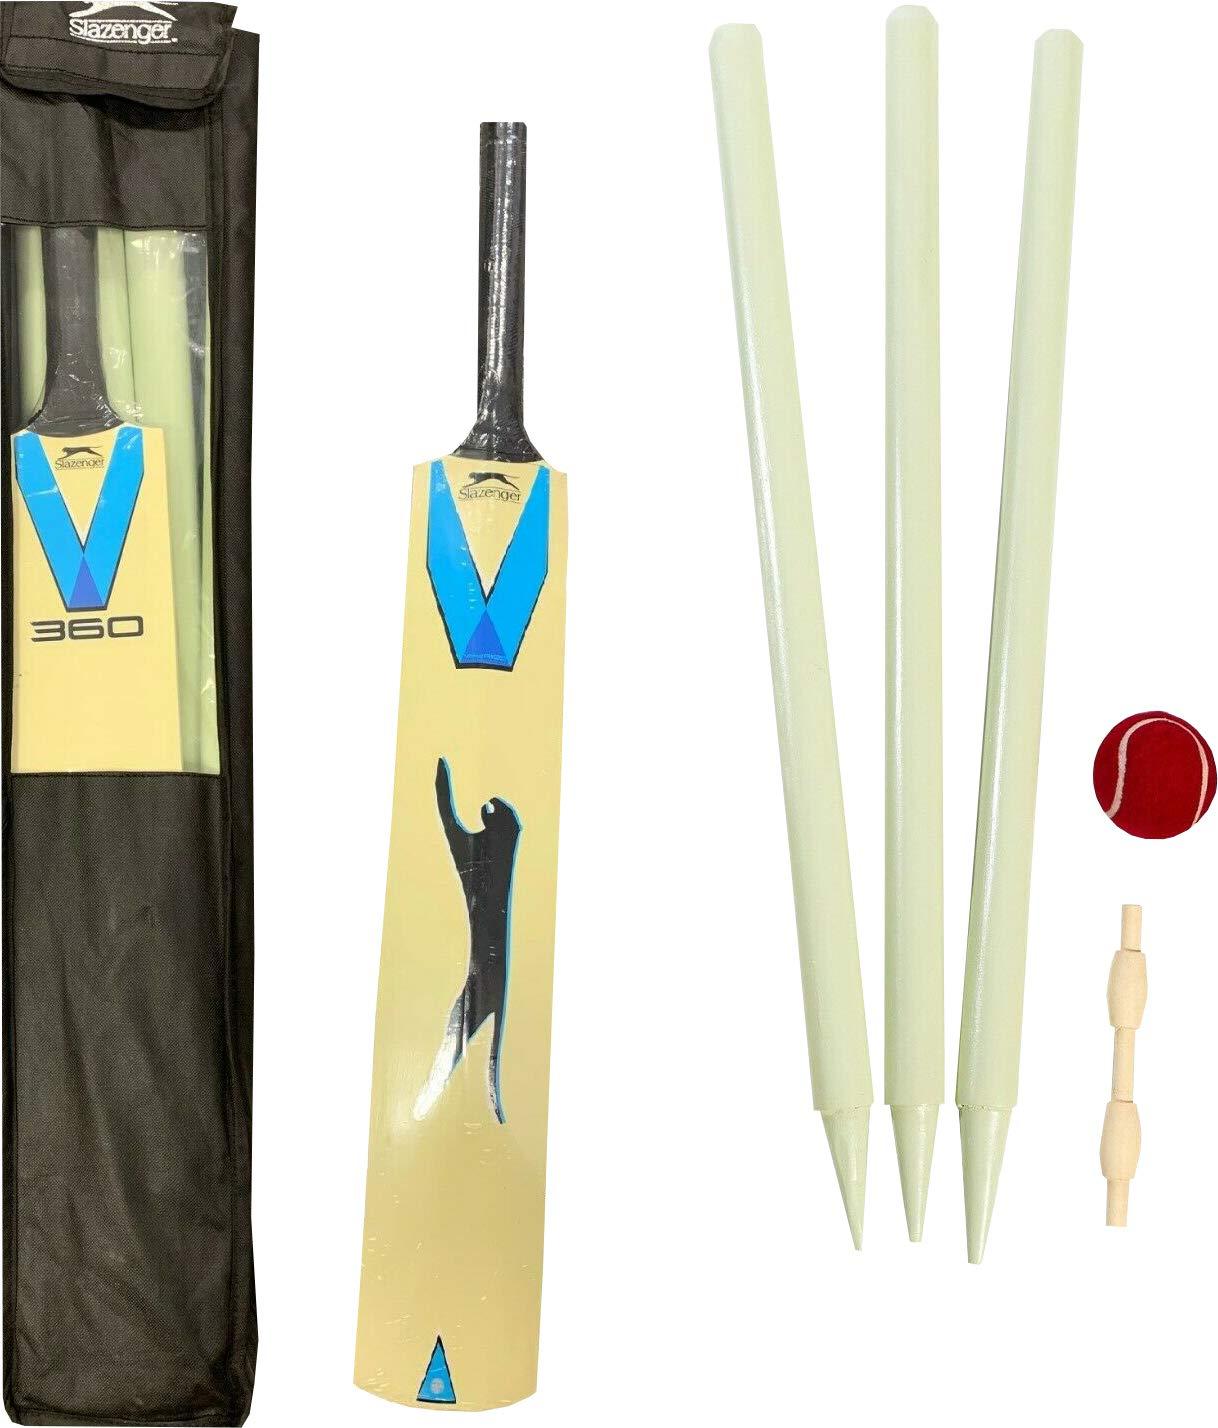 Slazenger Cricket Starter Bat Ball Stumps Set Size 5 6 Harrow Outdoor Garden Play